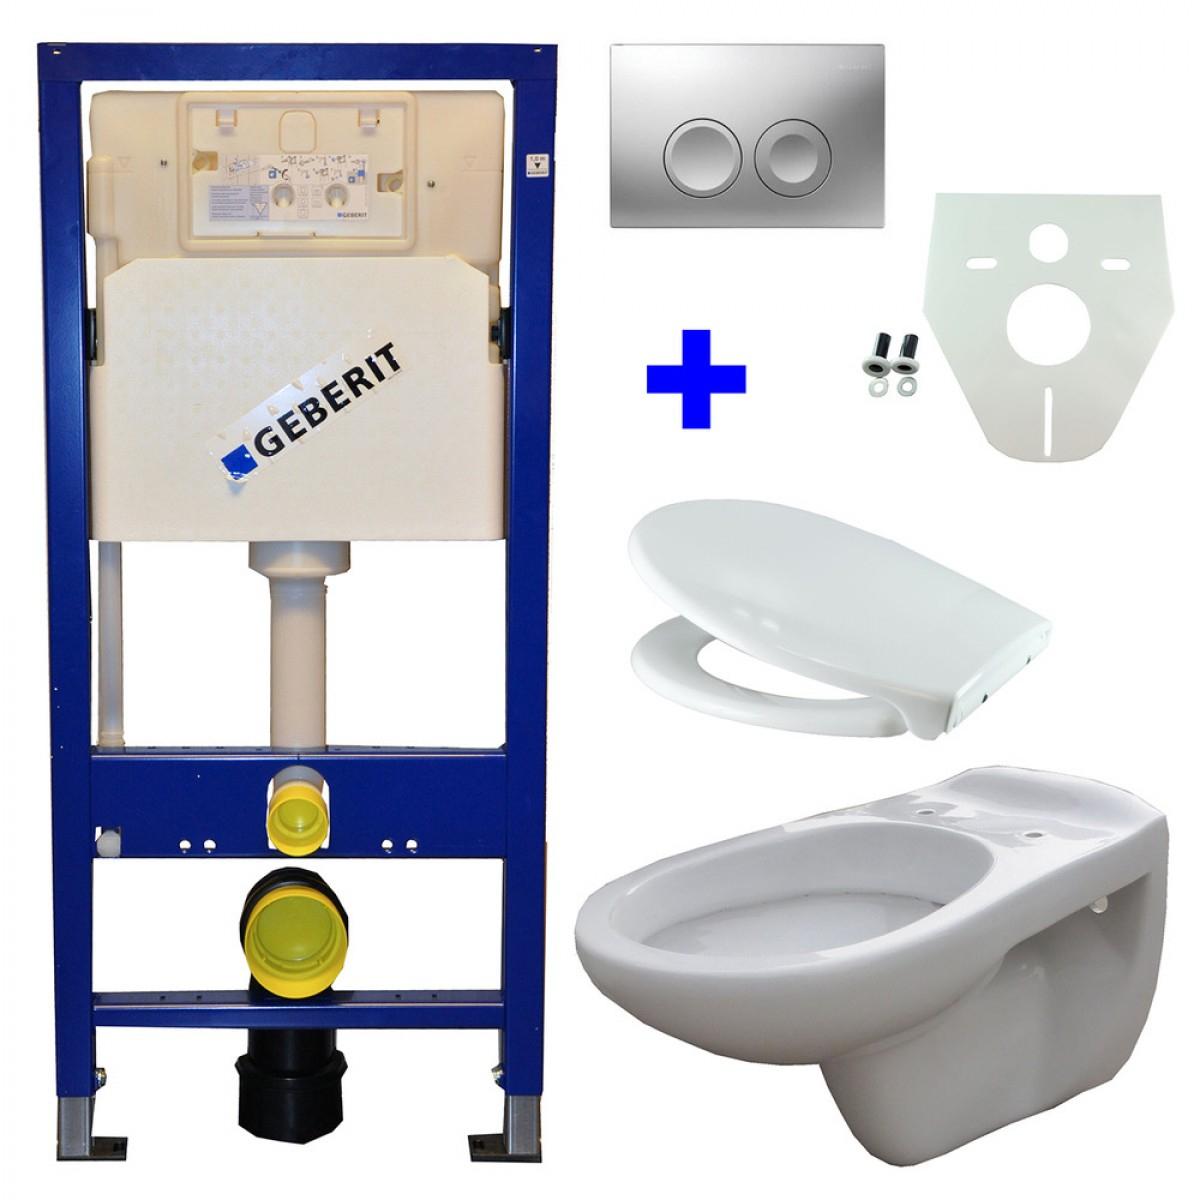 Geberit Up100 Toilette Suspendu Pack 12. Commande Chez Le dedans Toilette Suspendu Geberit Prix